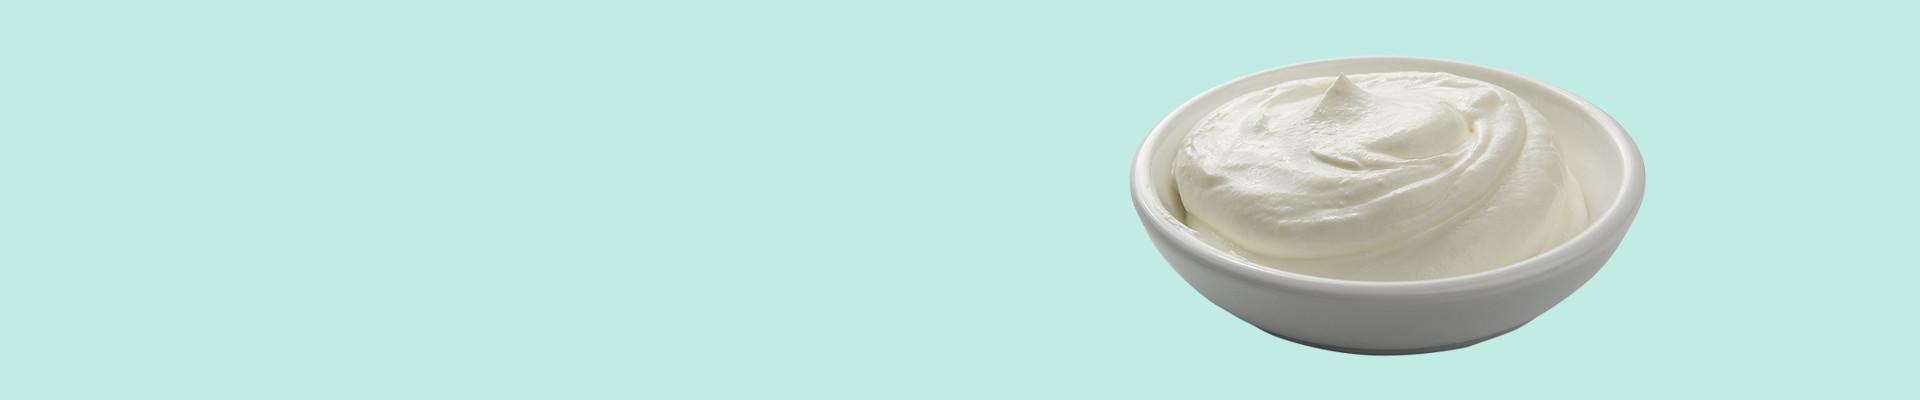 Jual Yogurt Terbaik & Terlengkap - Harga Murah Online